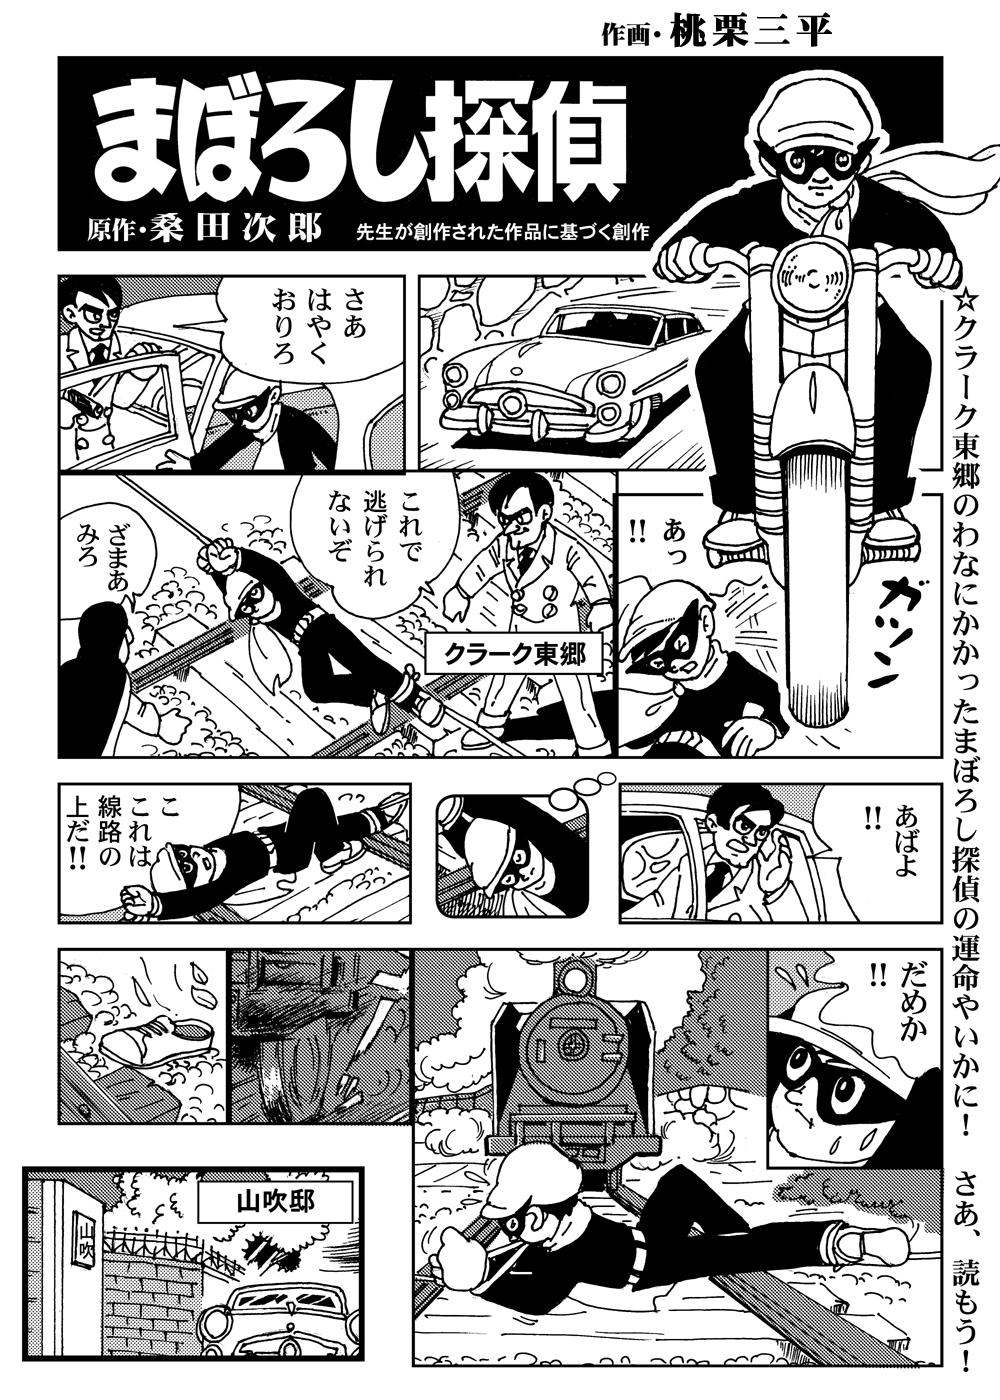 003-まぼろし探偵-001-m